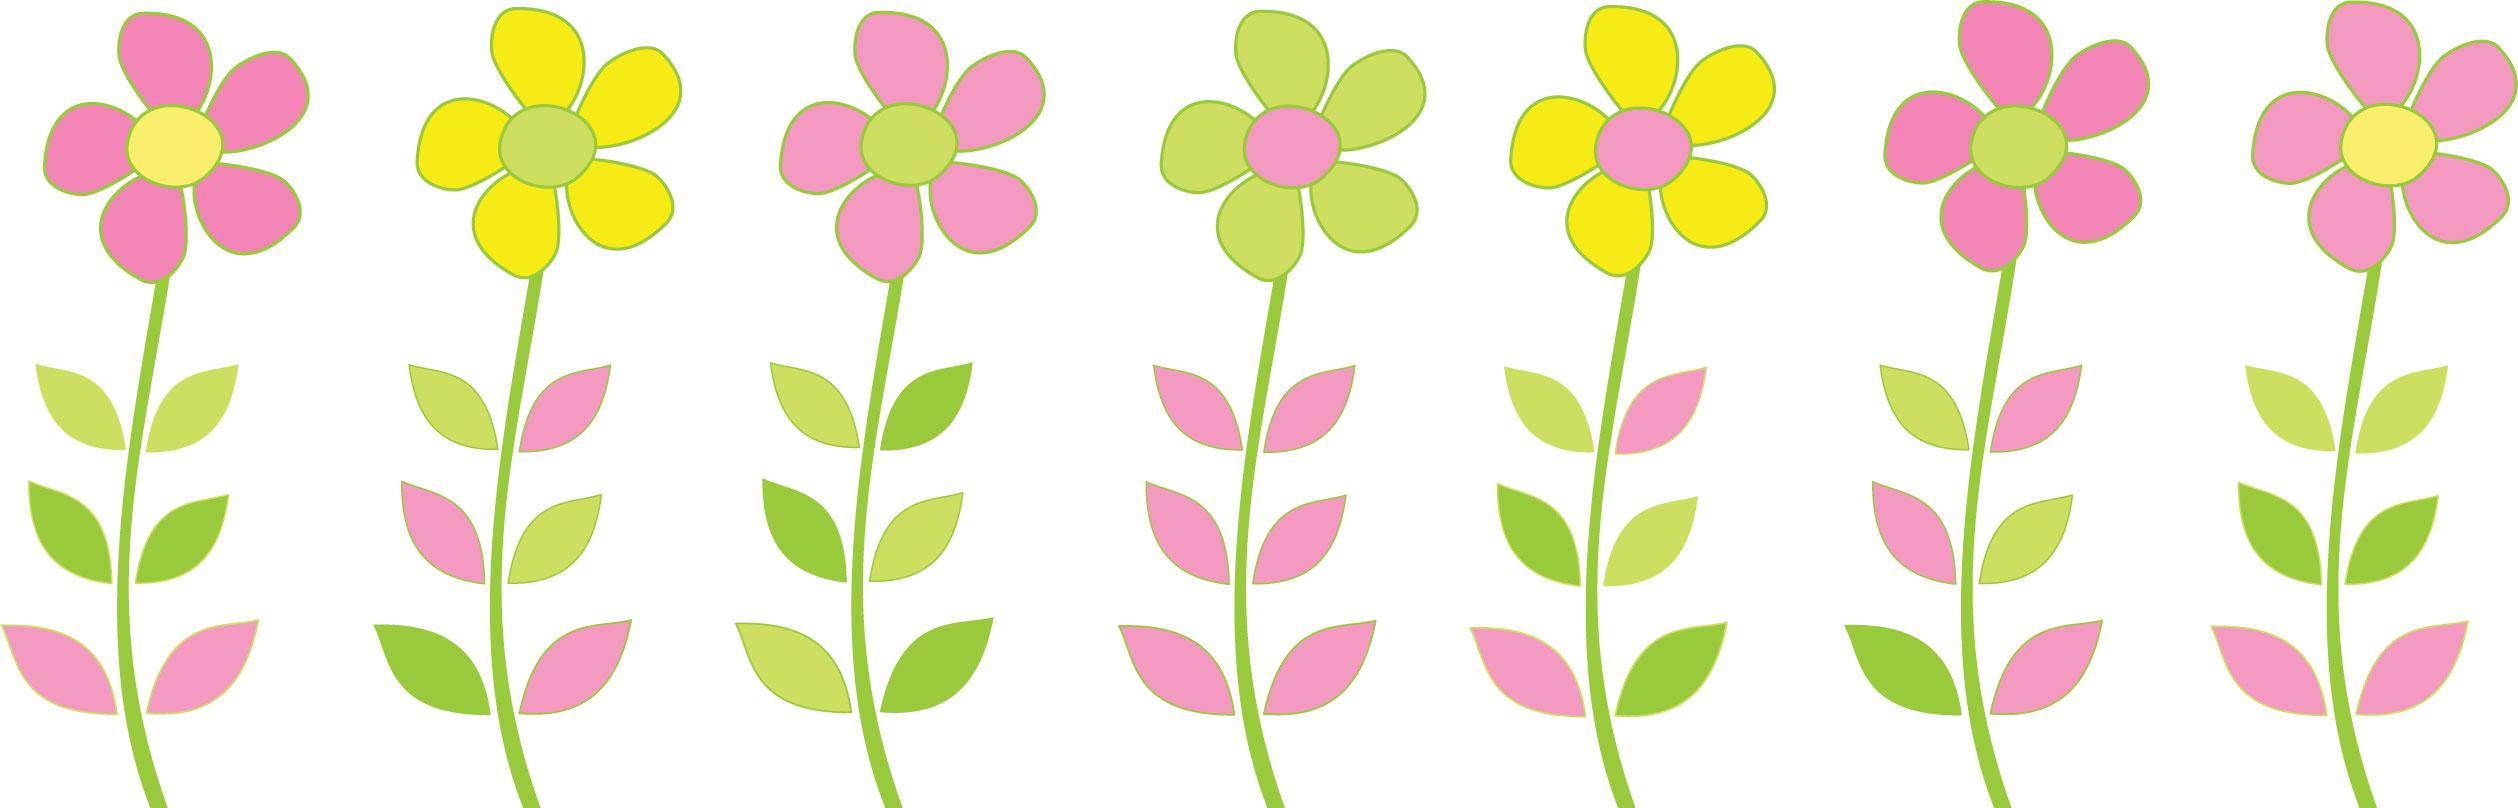 花のイラスト・フリー素材/フレーム枠no.078『暖色系フラワー』